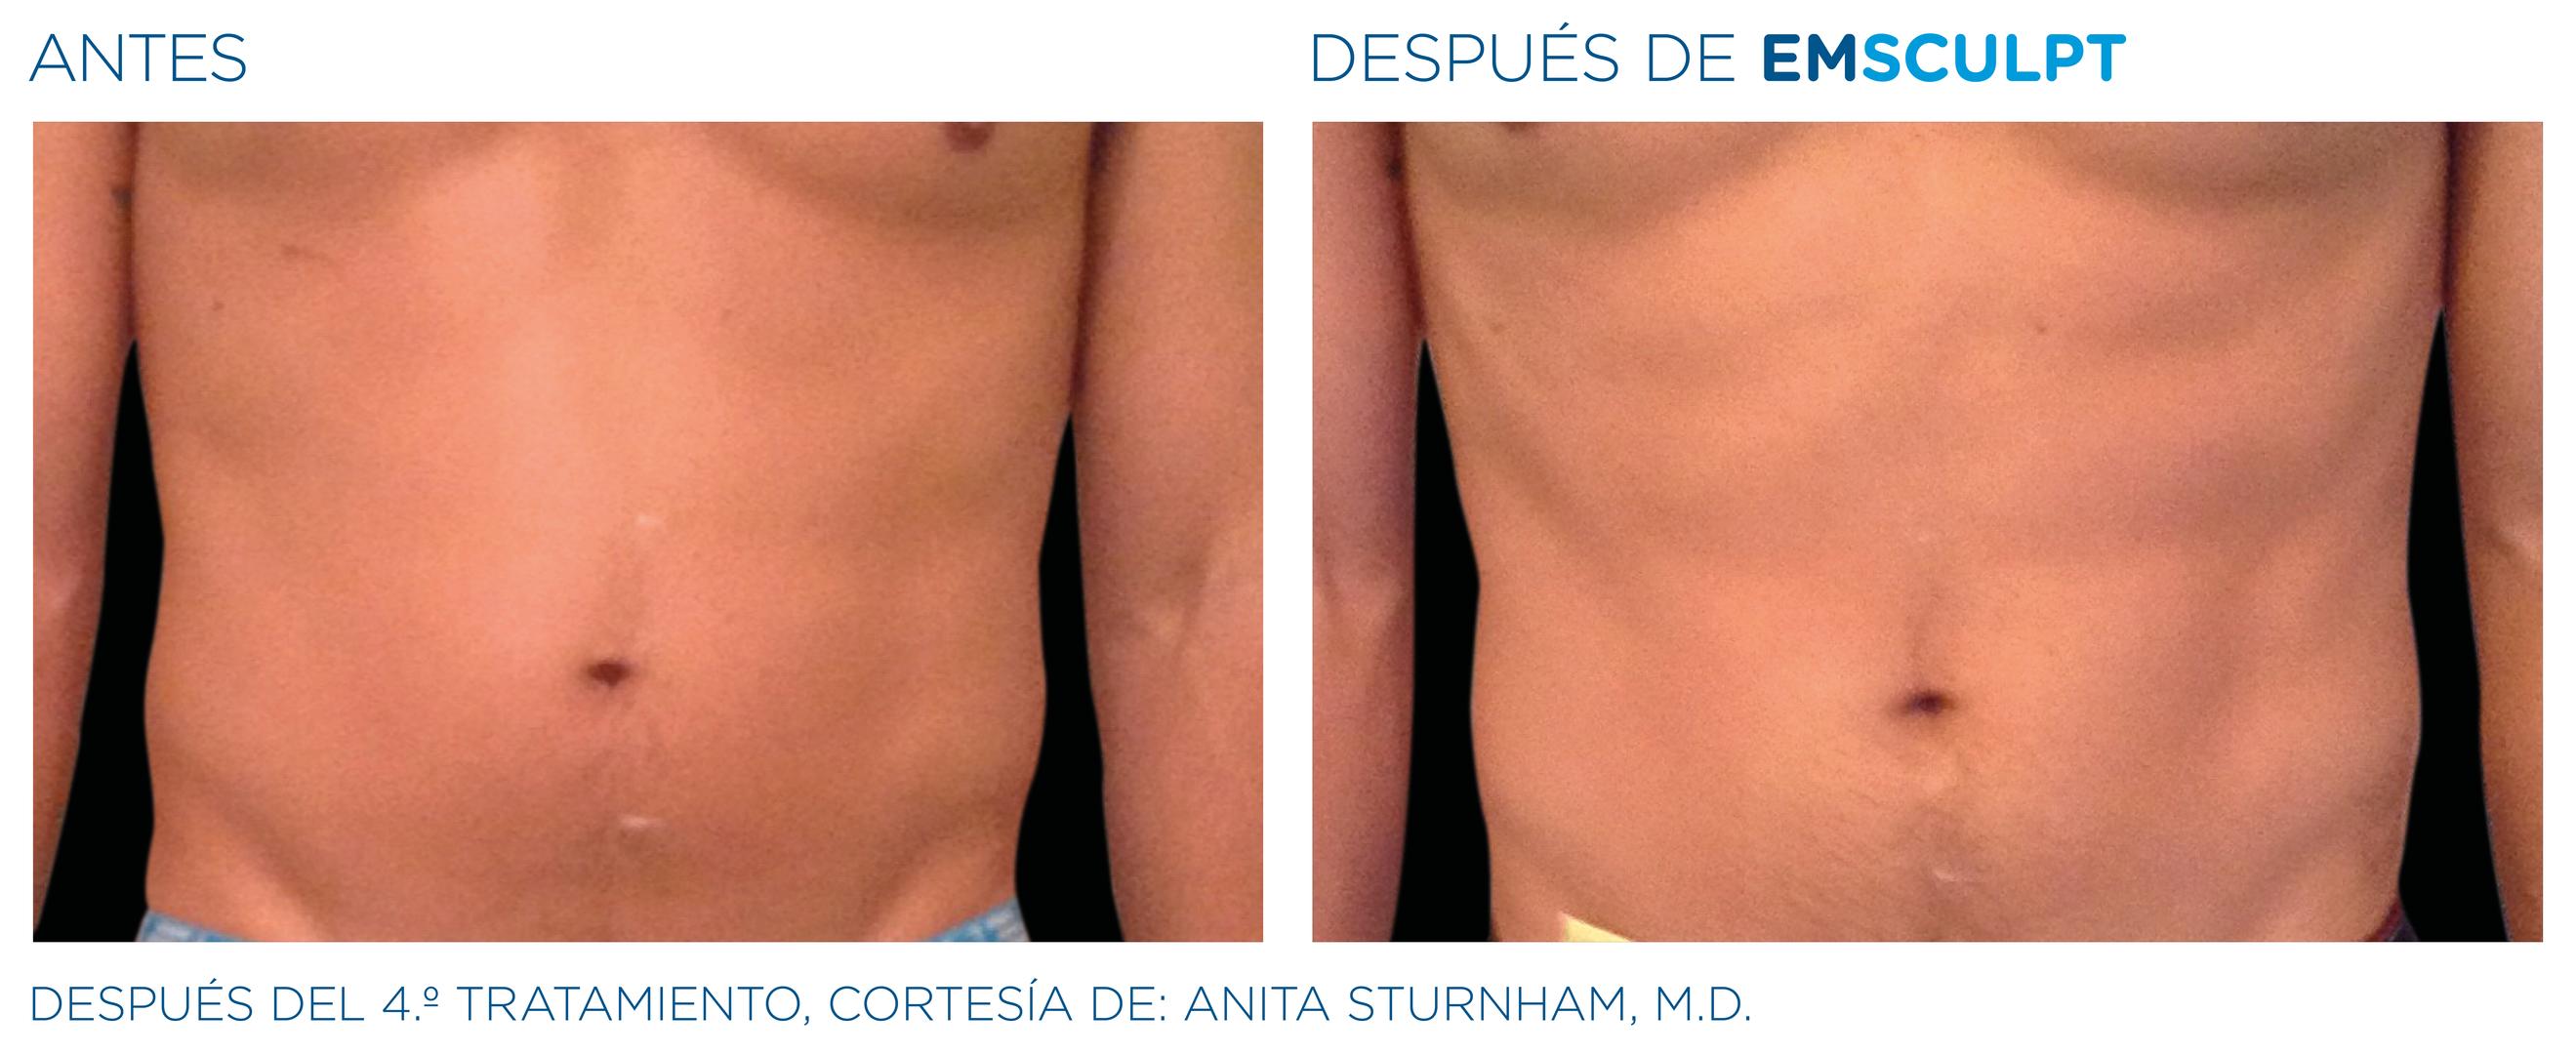 EMSculpt Resultado abdomen hombre 2